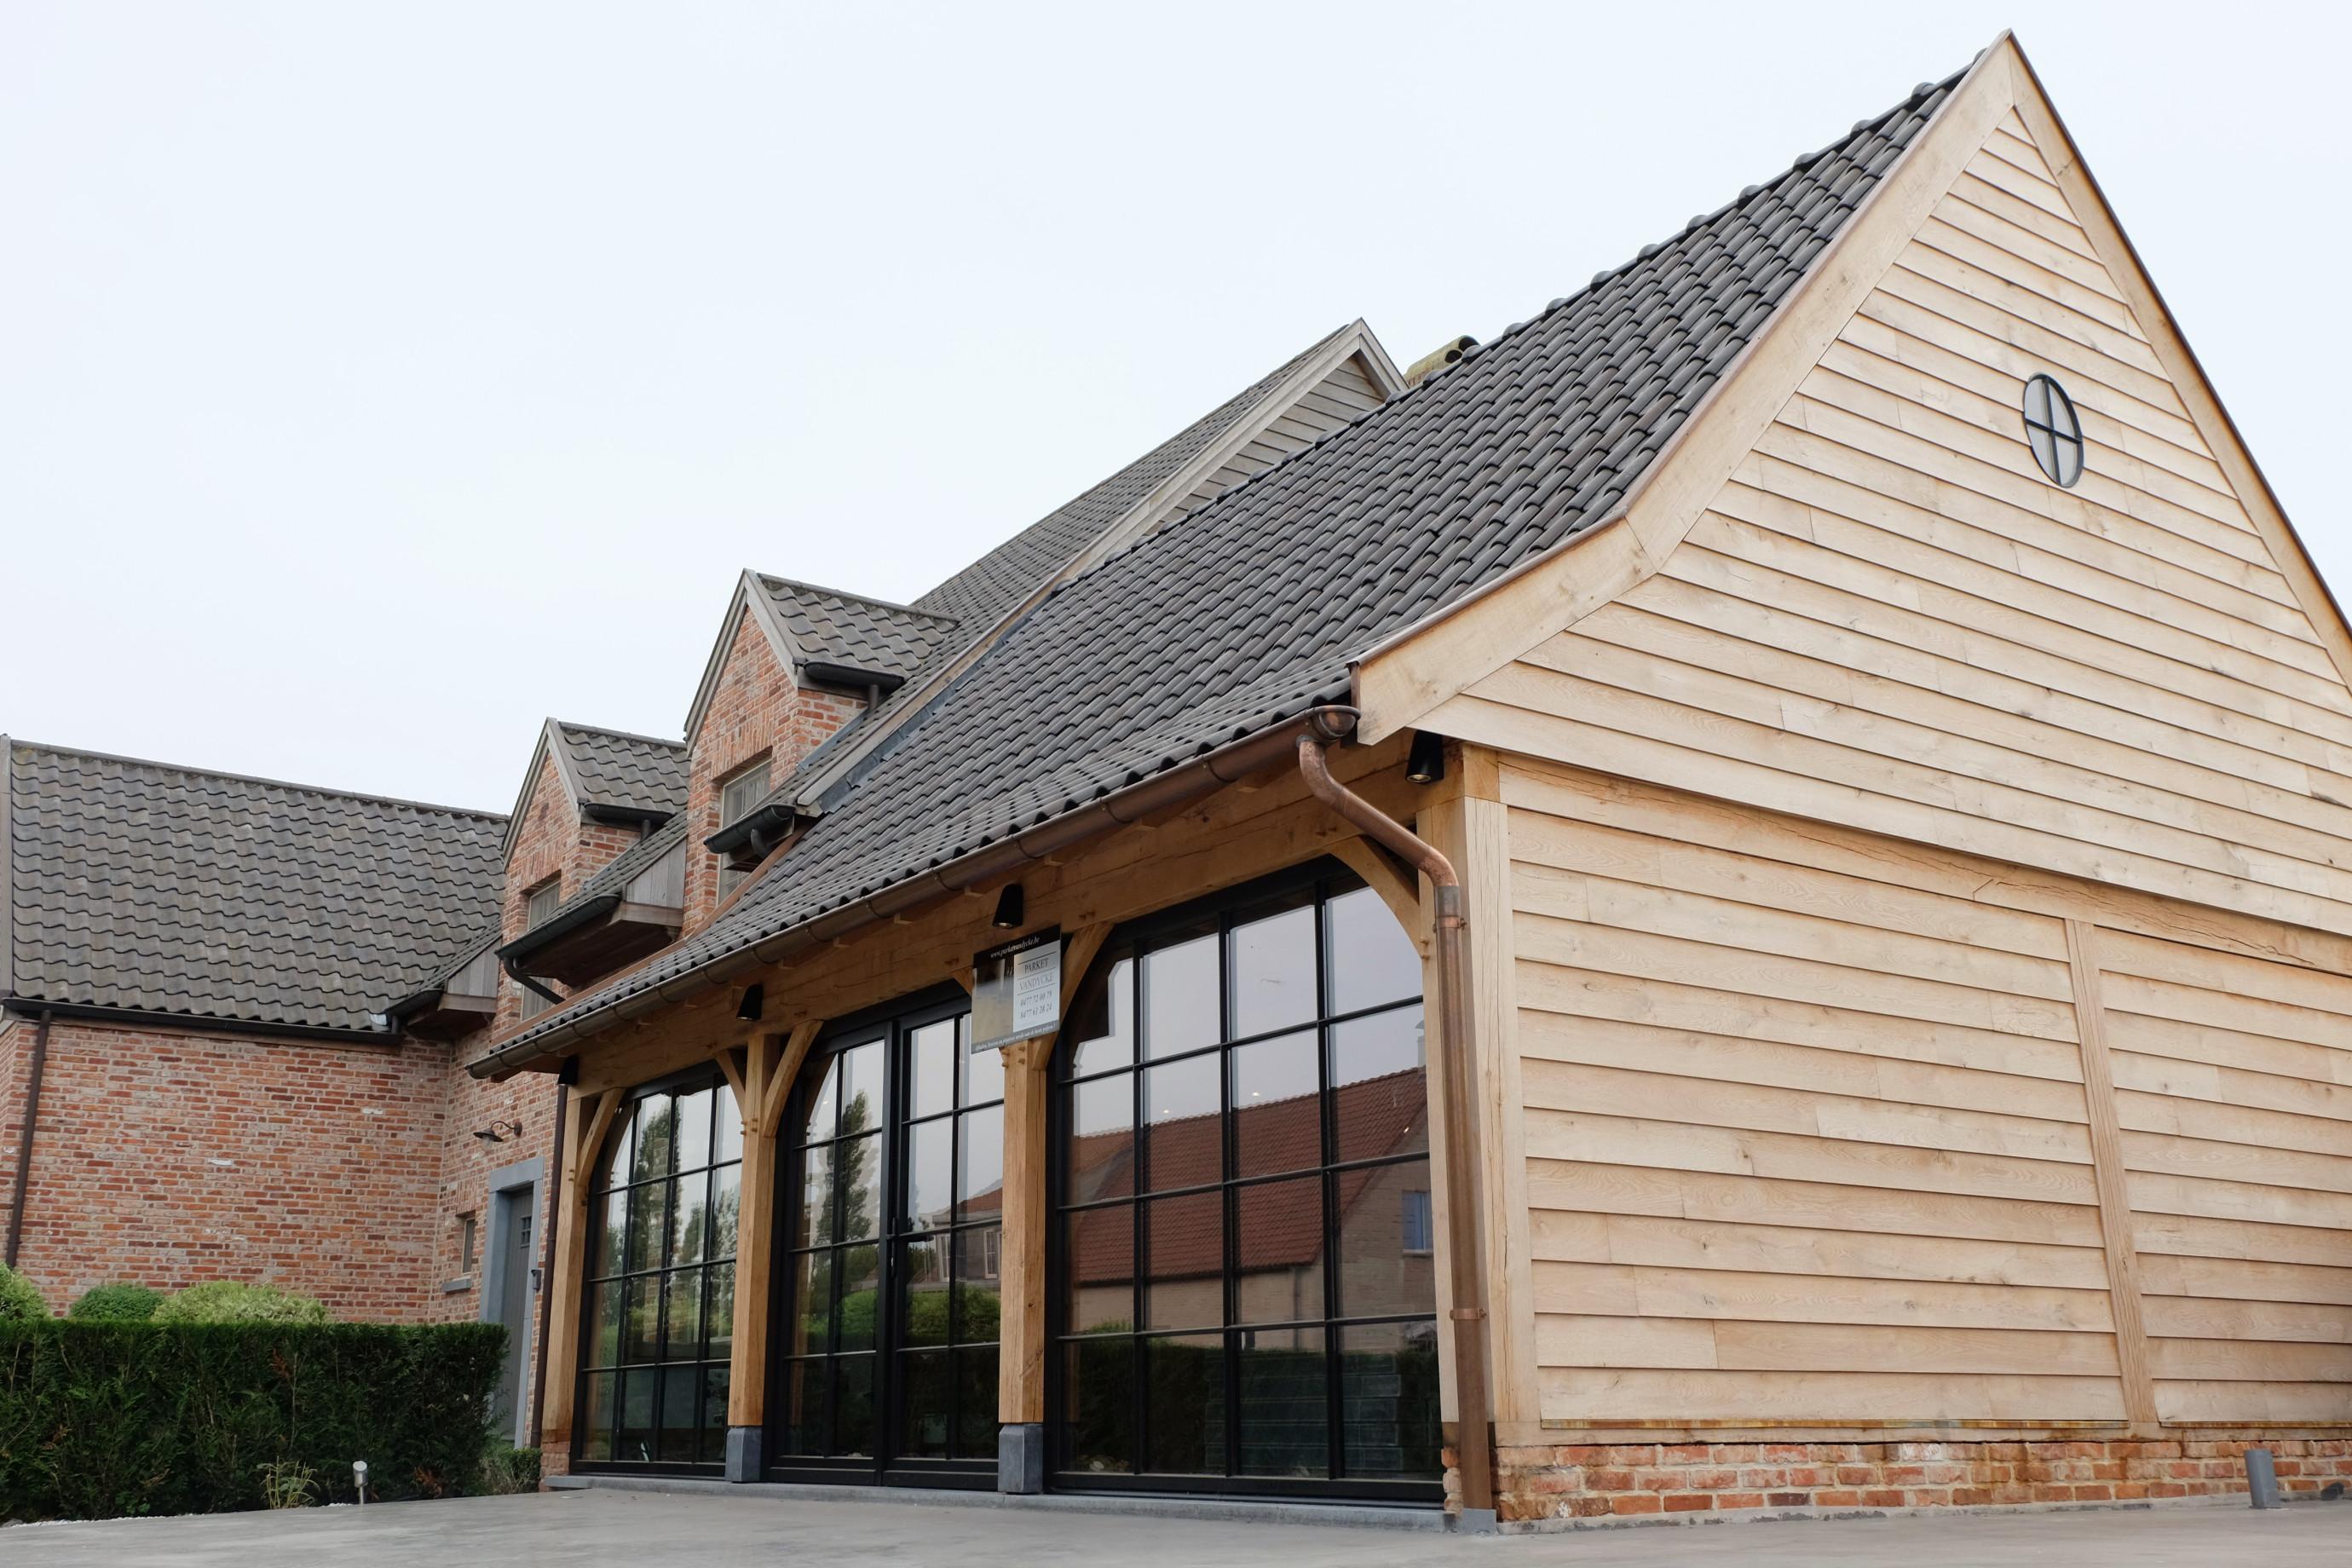 Eiken aanbouw met staalramen - Plaatsing & afwerking door Vanhauwood - Eiken bouwpakket door Cornelis Hout.jpg